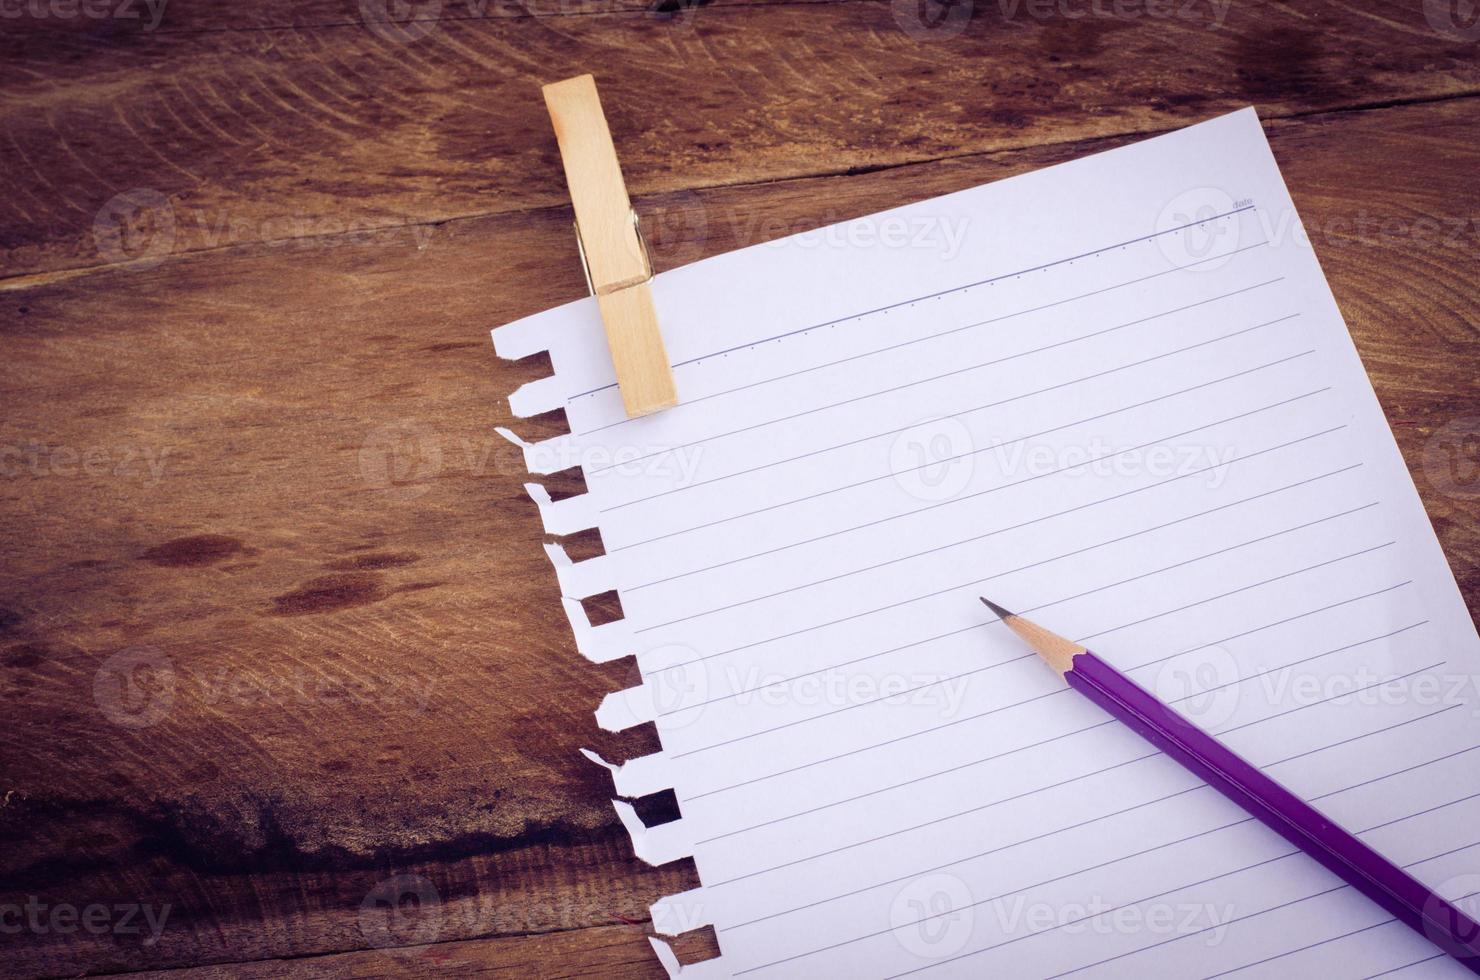 cuaderno de papel con lápiz foto